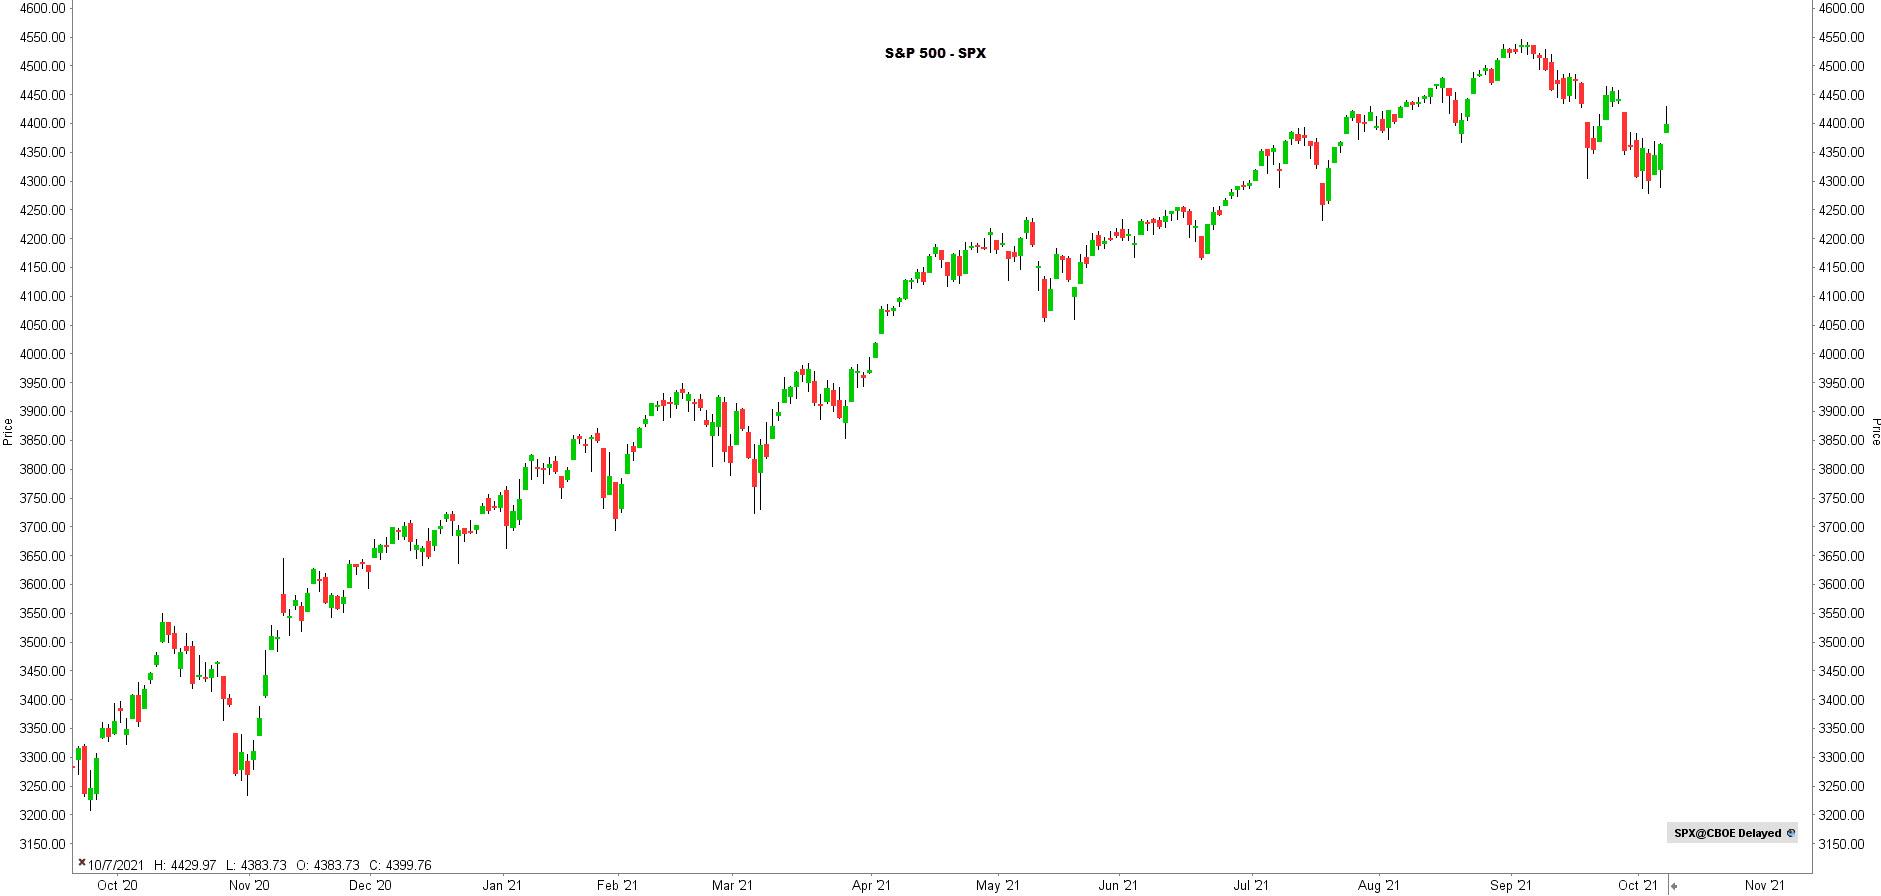 Koers S&P 500 - Laatste beursnieuws